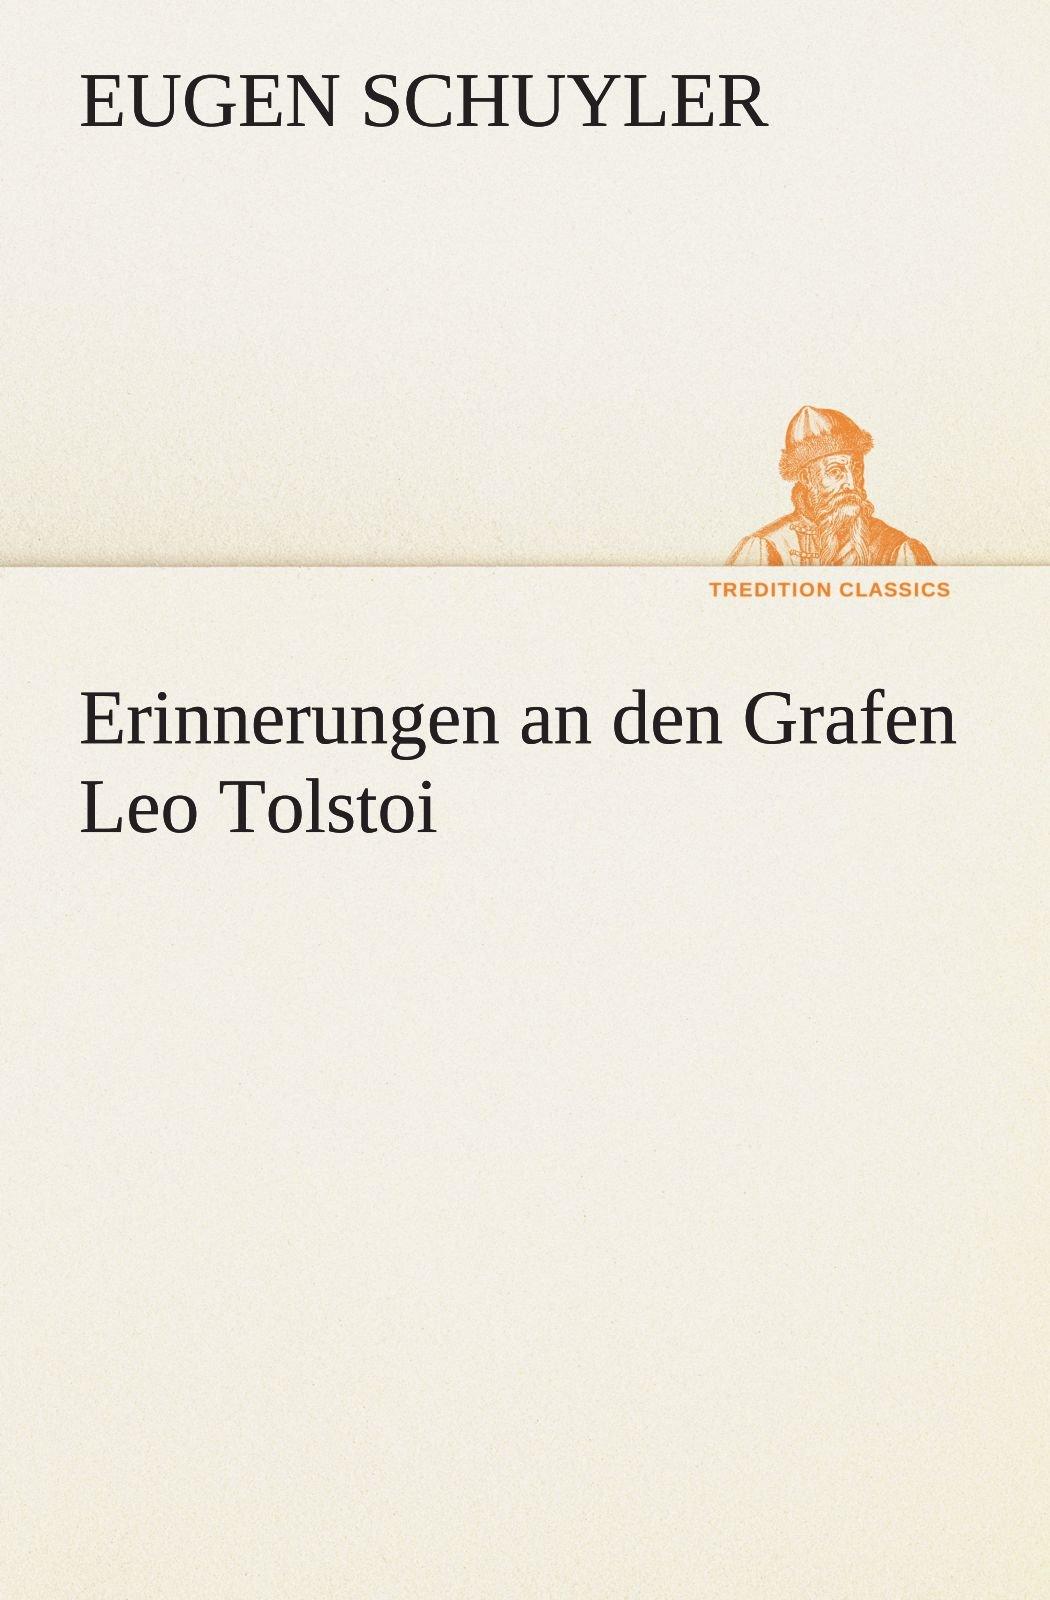 Download Erinnerungen an den Grafen Leo Tolstoi (TREDITION CLASSICS) (German Edition) PDF